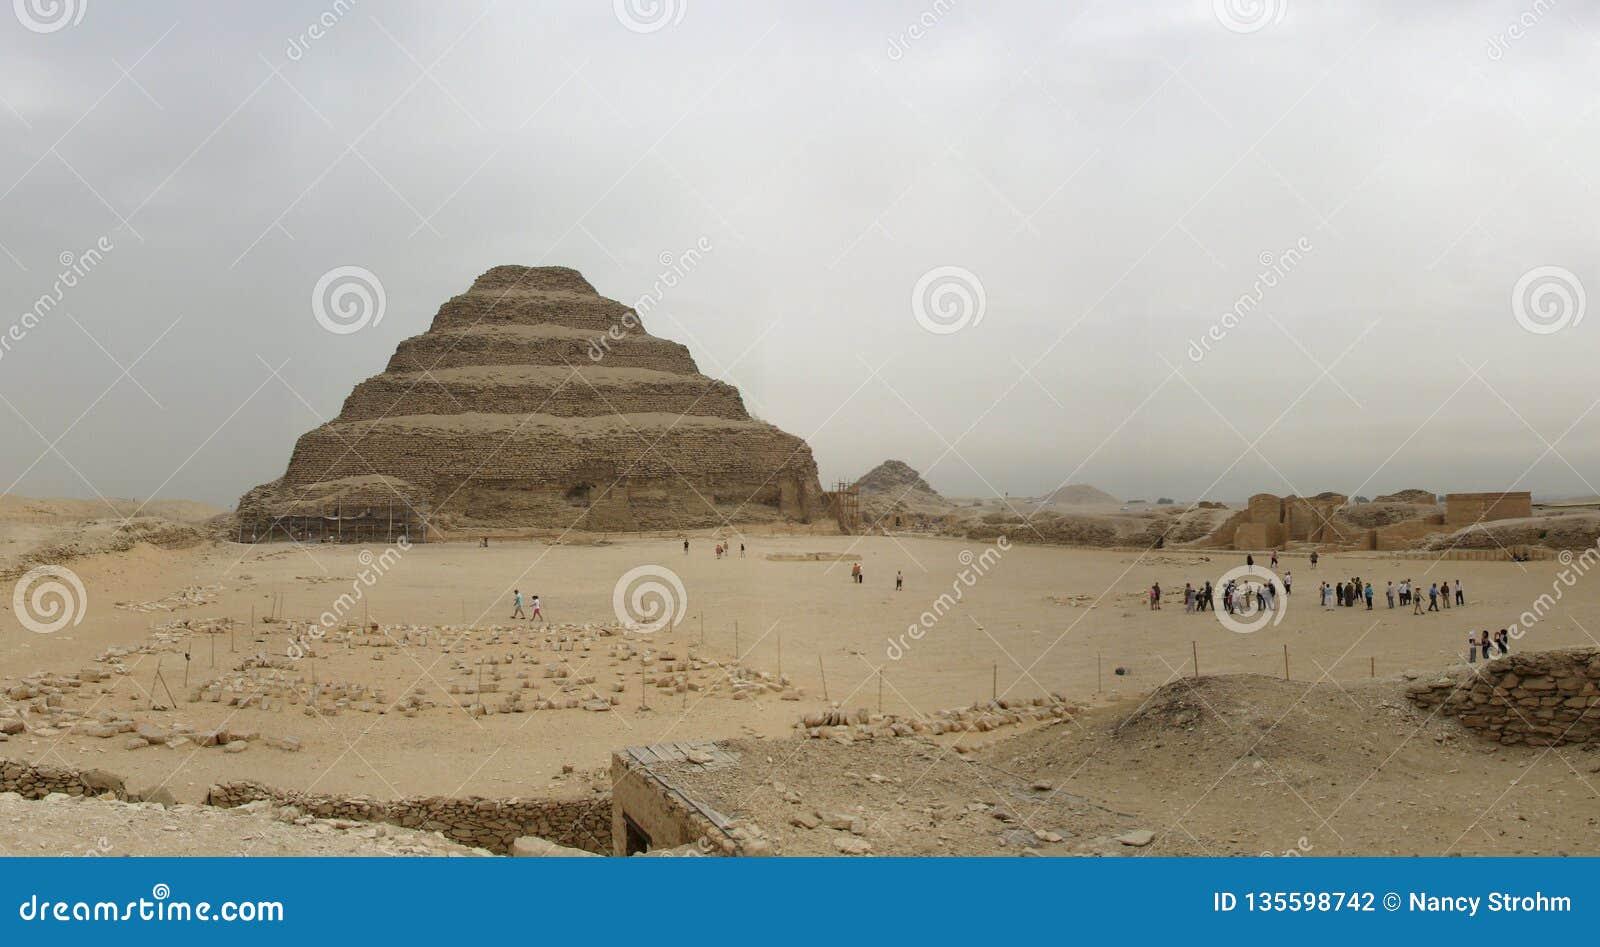 La pirámide del paso de Saqqara, Egipto